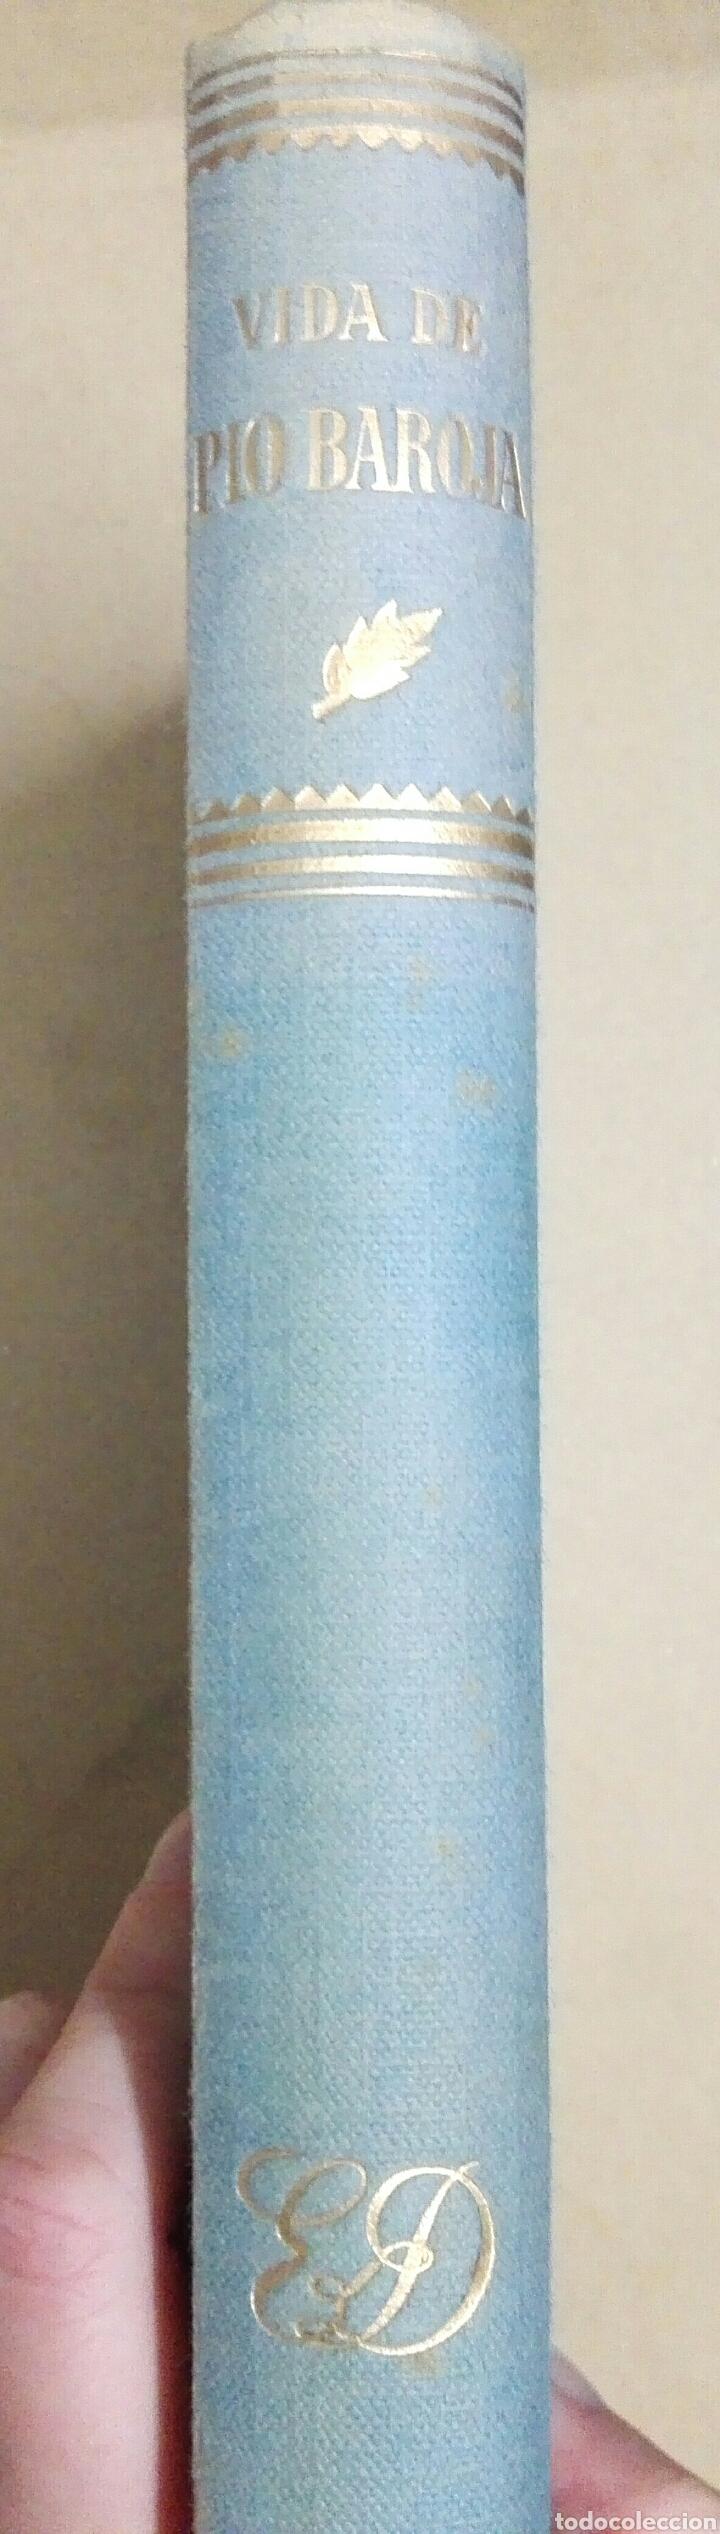 Libros antiguos: HISTORIA DE PIO BAROJA - Foto 3 - 179338457